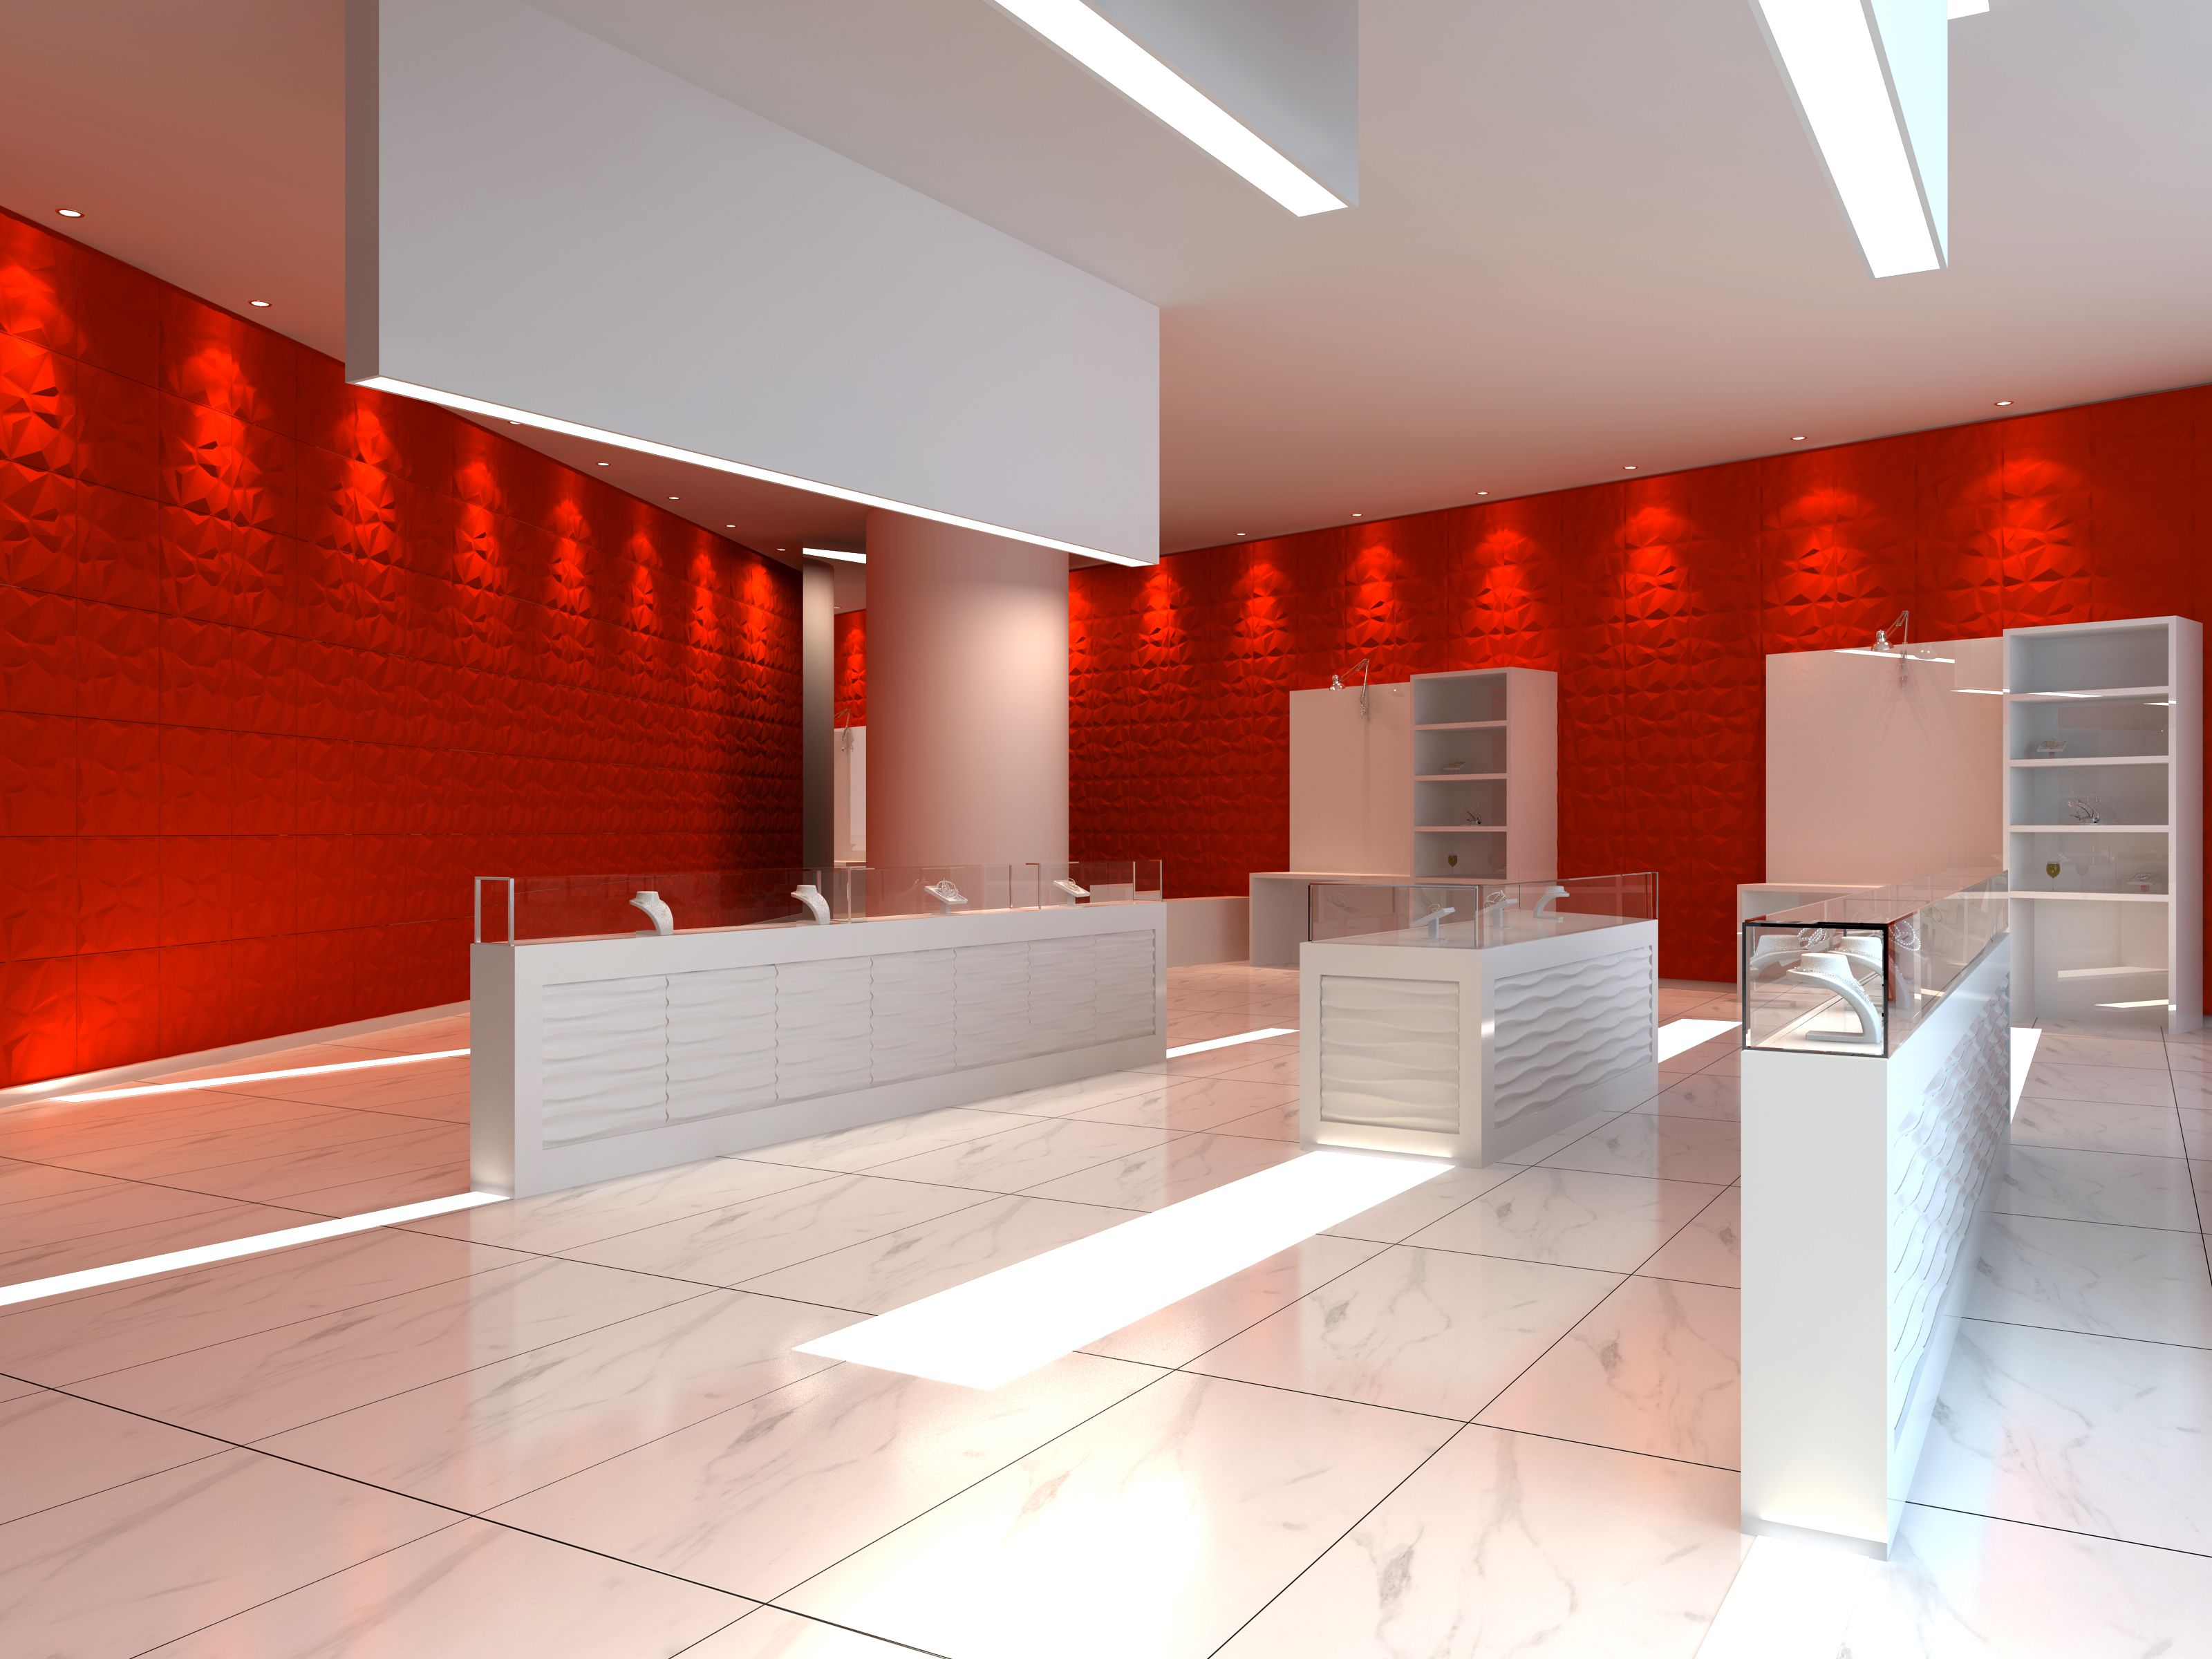 Shop Design Optimierung Mit 3d Wandgestaltung Bambonello Paneele Von Panelprince Panelprince Bambonello Wandpaneele Wandverkleidung Paneele